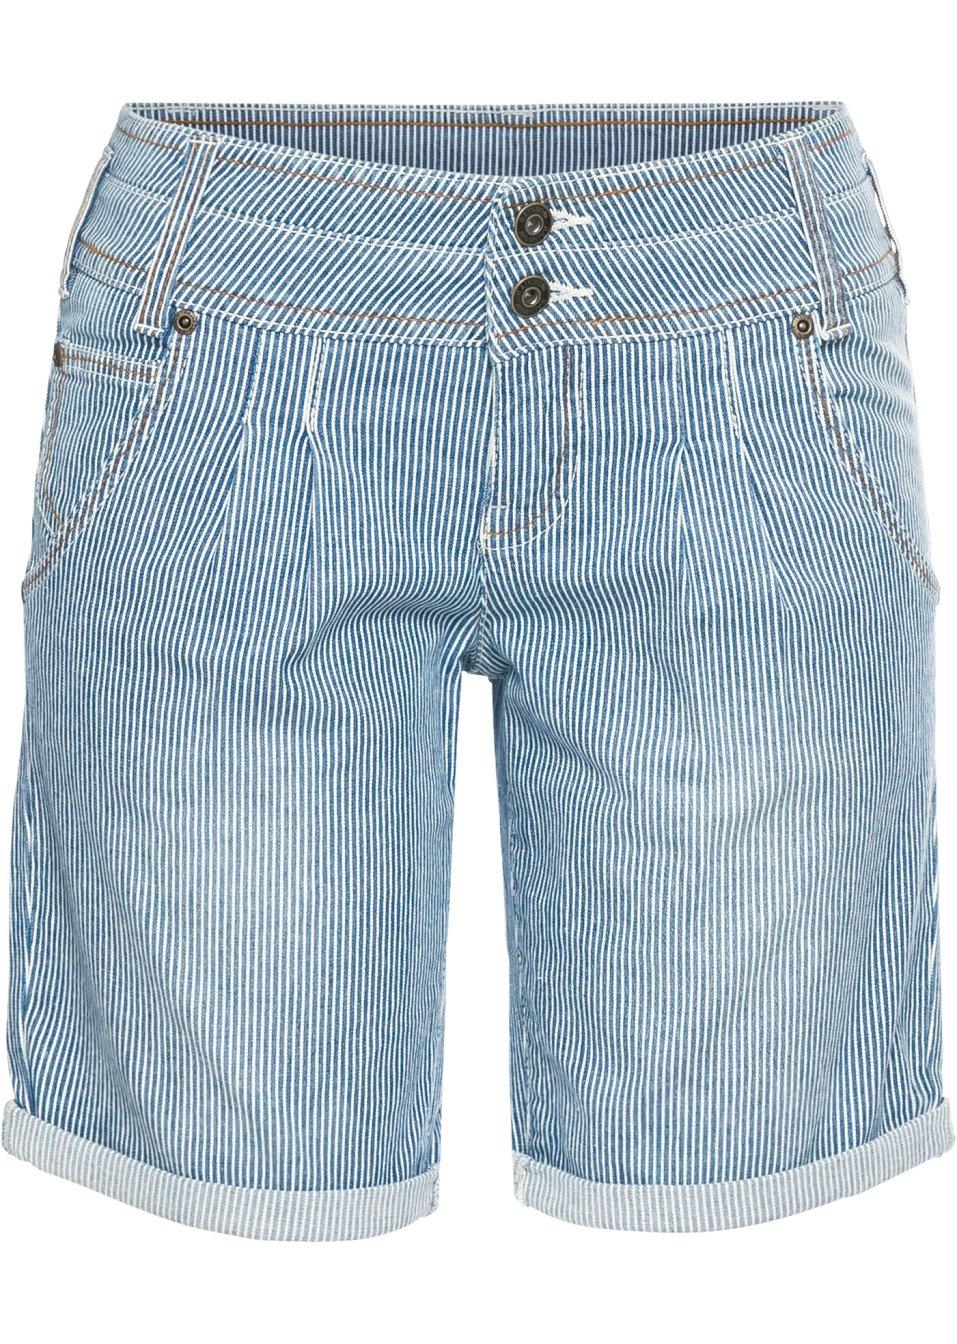 Coole Jeansshorts mit stylishen Details - blau gestreift qdGn5 cImF3